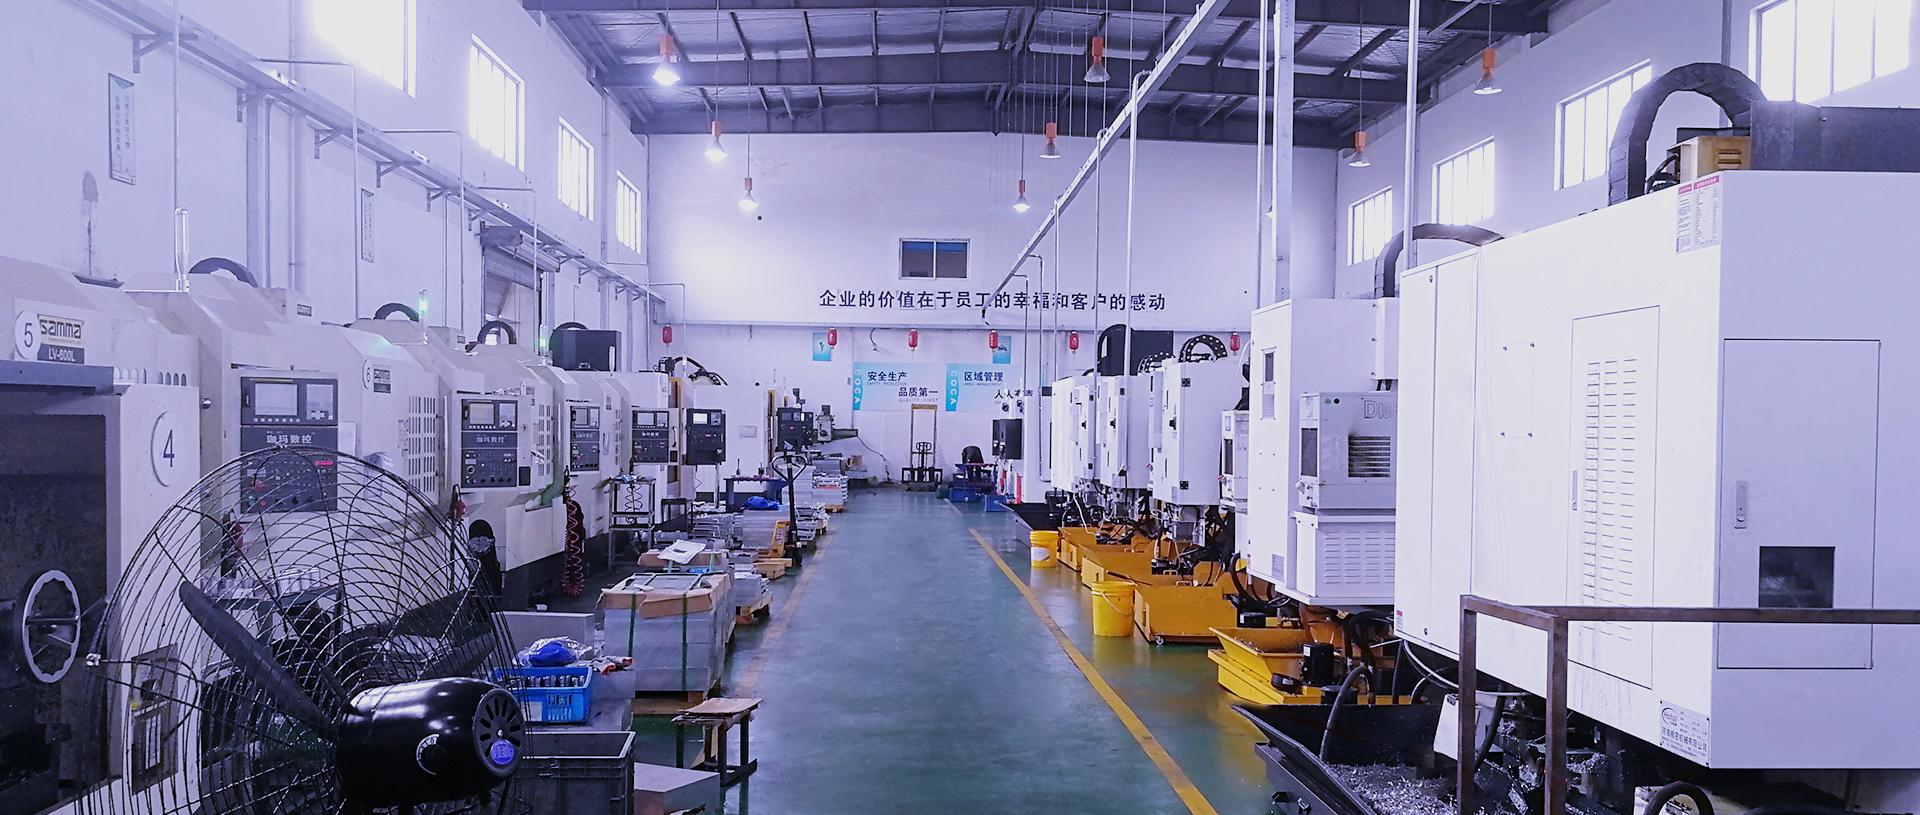 昆山超柯金属制品有限公司